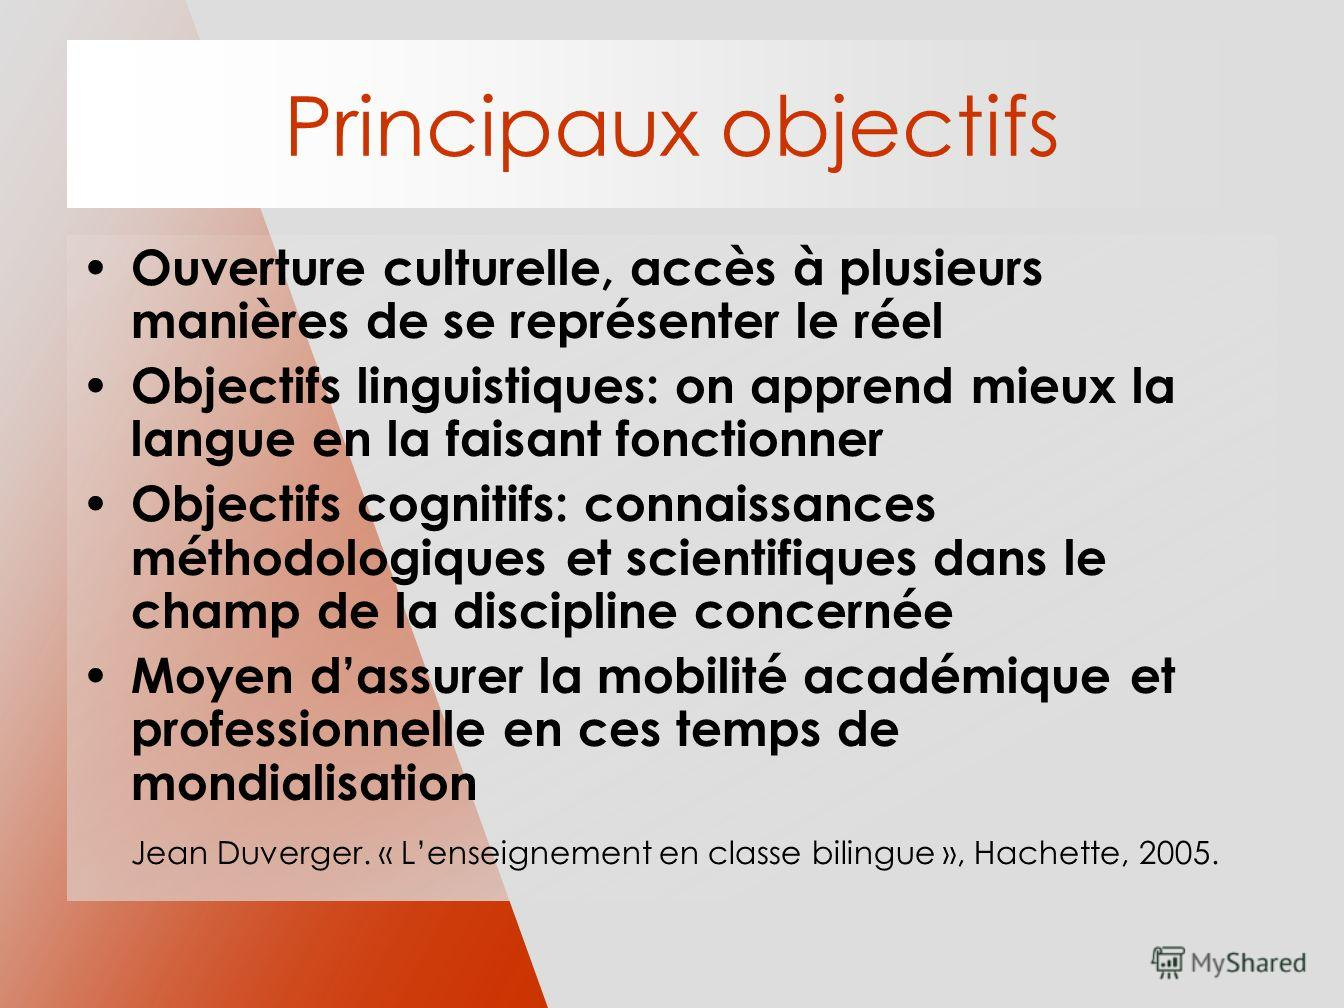 Principaux objectifs Ouverture culturelle, accès à plusieurs manières de se représenter le réel Objectifs linguistiques: on apprend mieux la langue en la faisant fonctionner Objectifs cognitifs: connaissances méthodologiques et scientifiques dans le